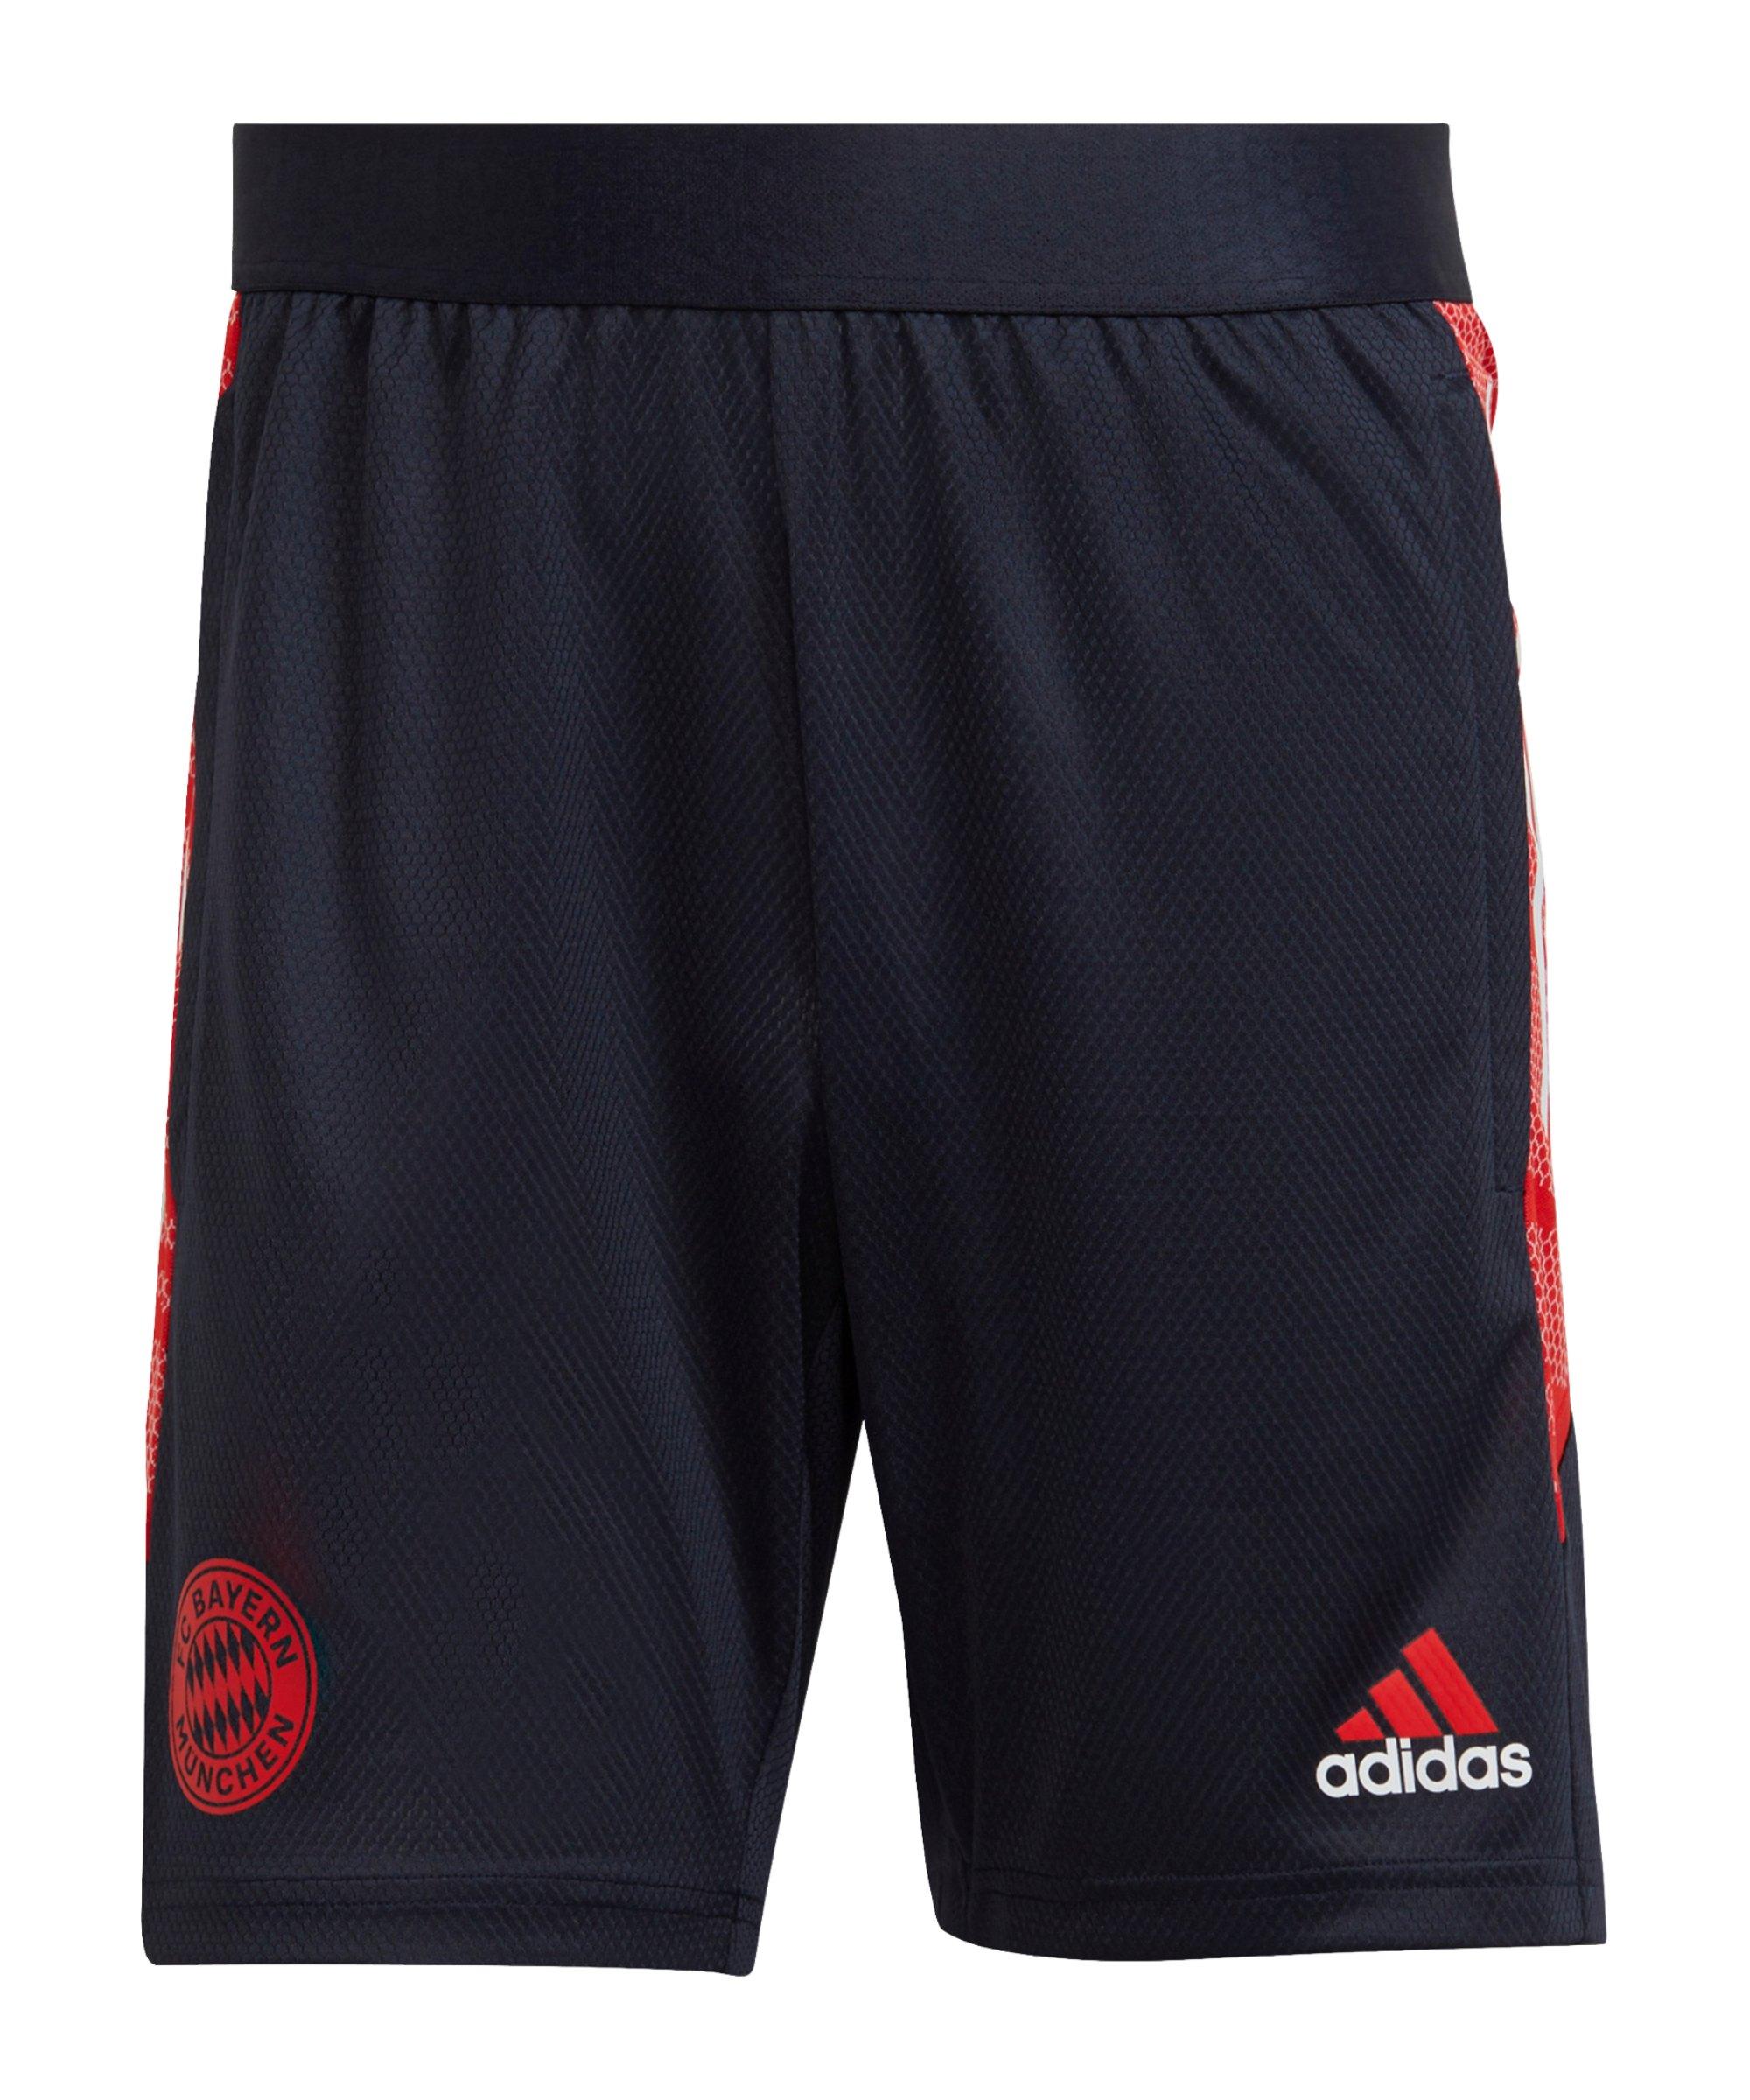 adidas FC Bayern München EU Trainingsshort Blau - blau